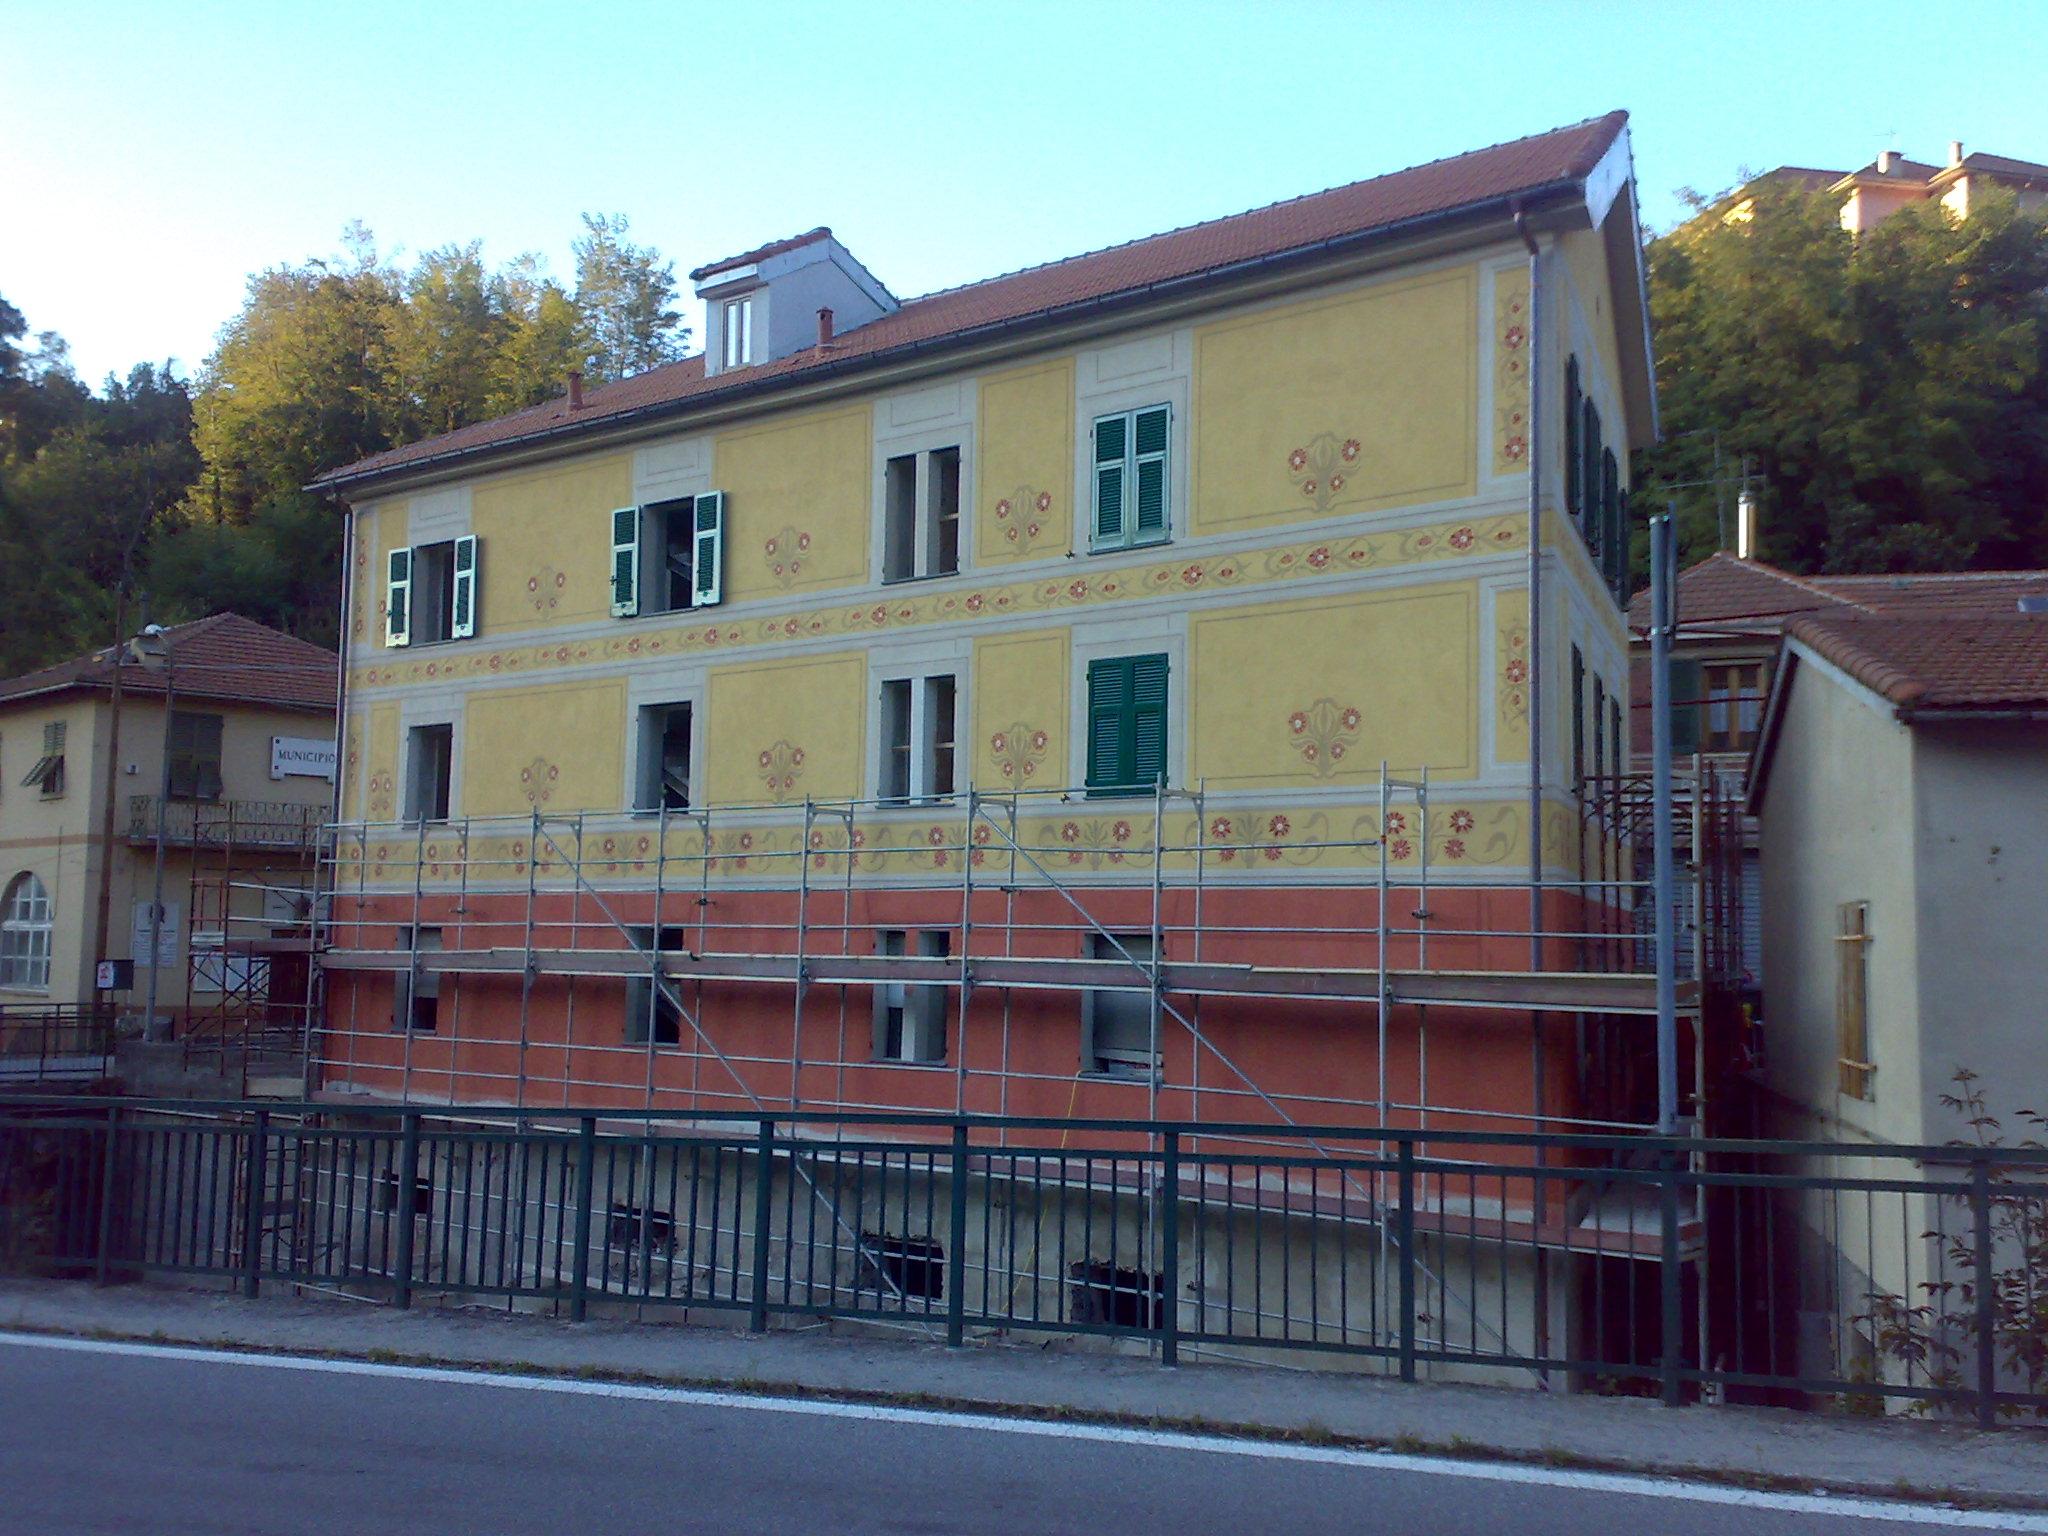 I ponteggi della casa comunale sant 39 olcese inform for Casa comunale